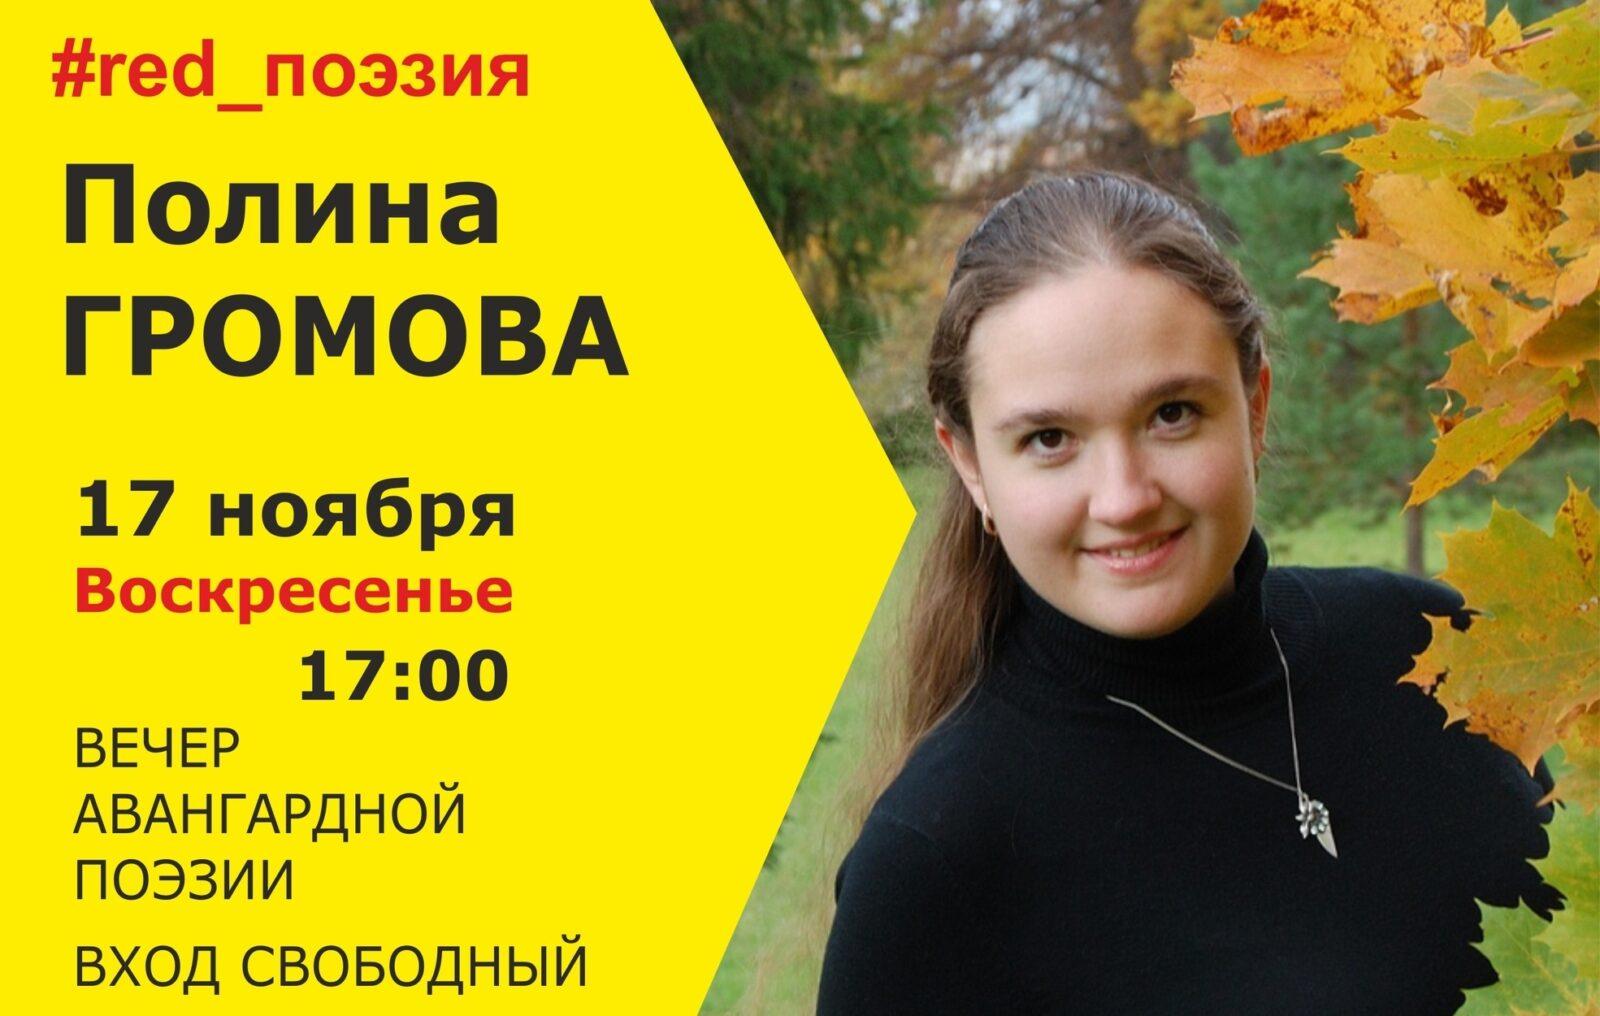 Тверская поэтесса расскажет об авангардной поэзии